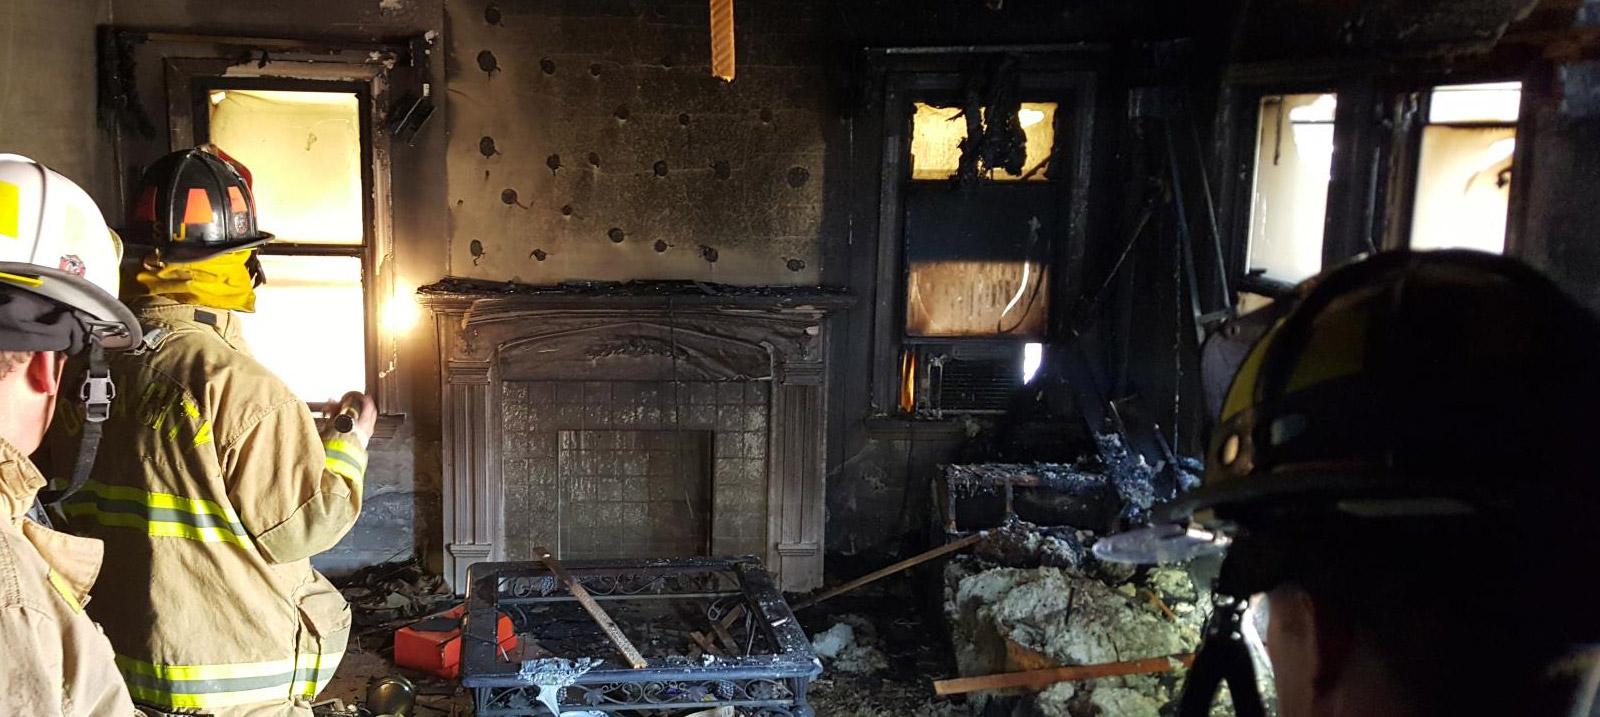 Investigación Incendios Coruña, toda España, Andrés Pedreira Ferreño